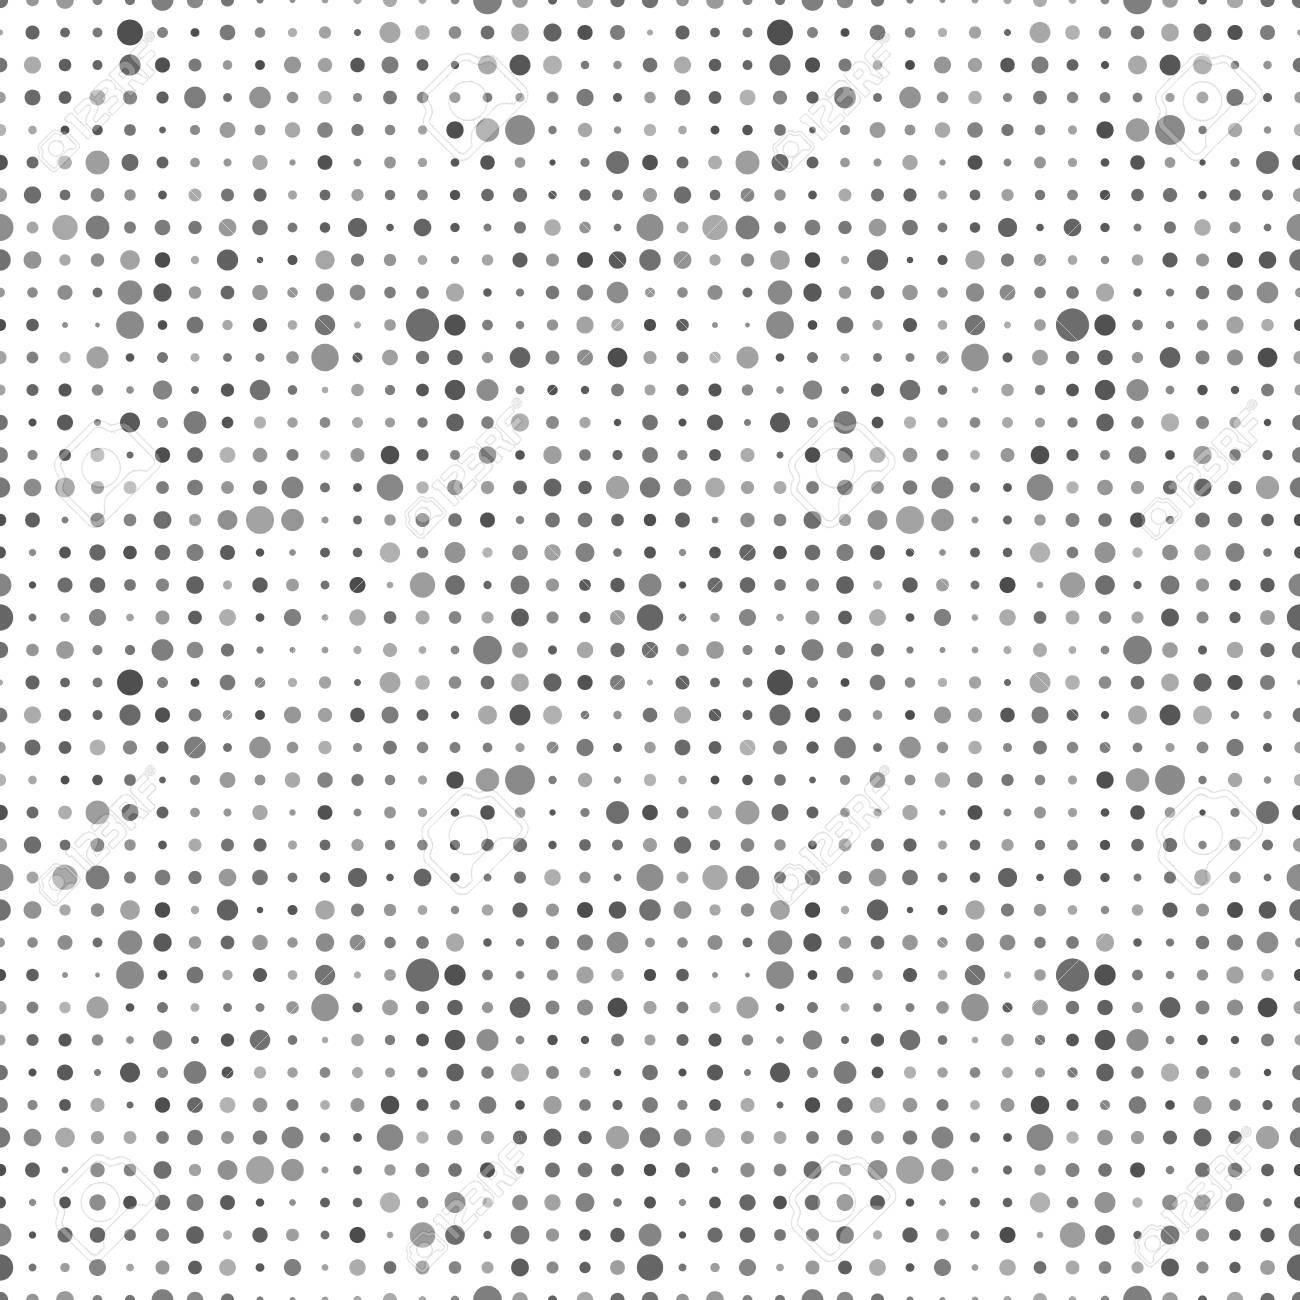 Ausgezeichnet Hauptbuch Papier Vorlage Ideen - Entry Level Resume ...